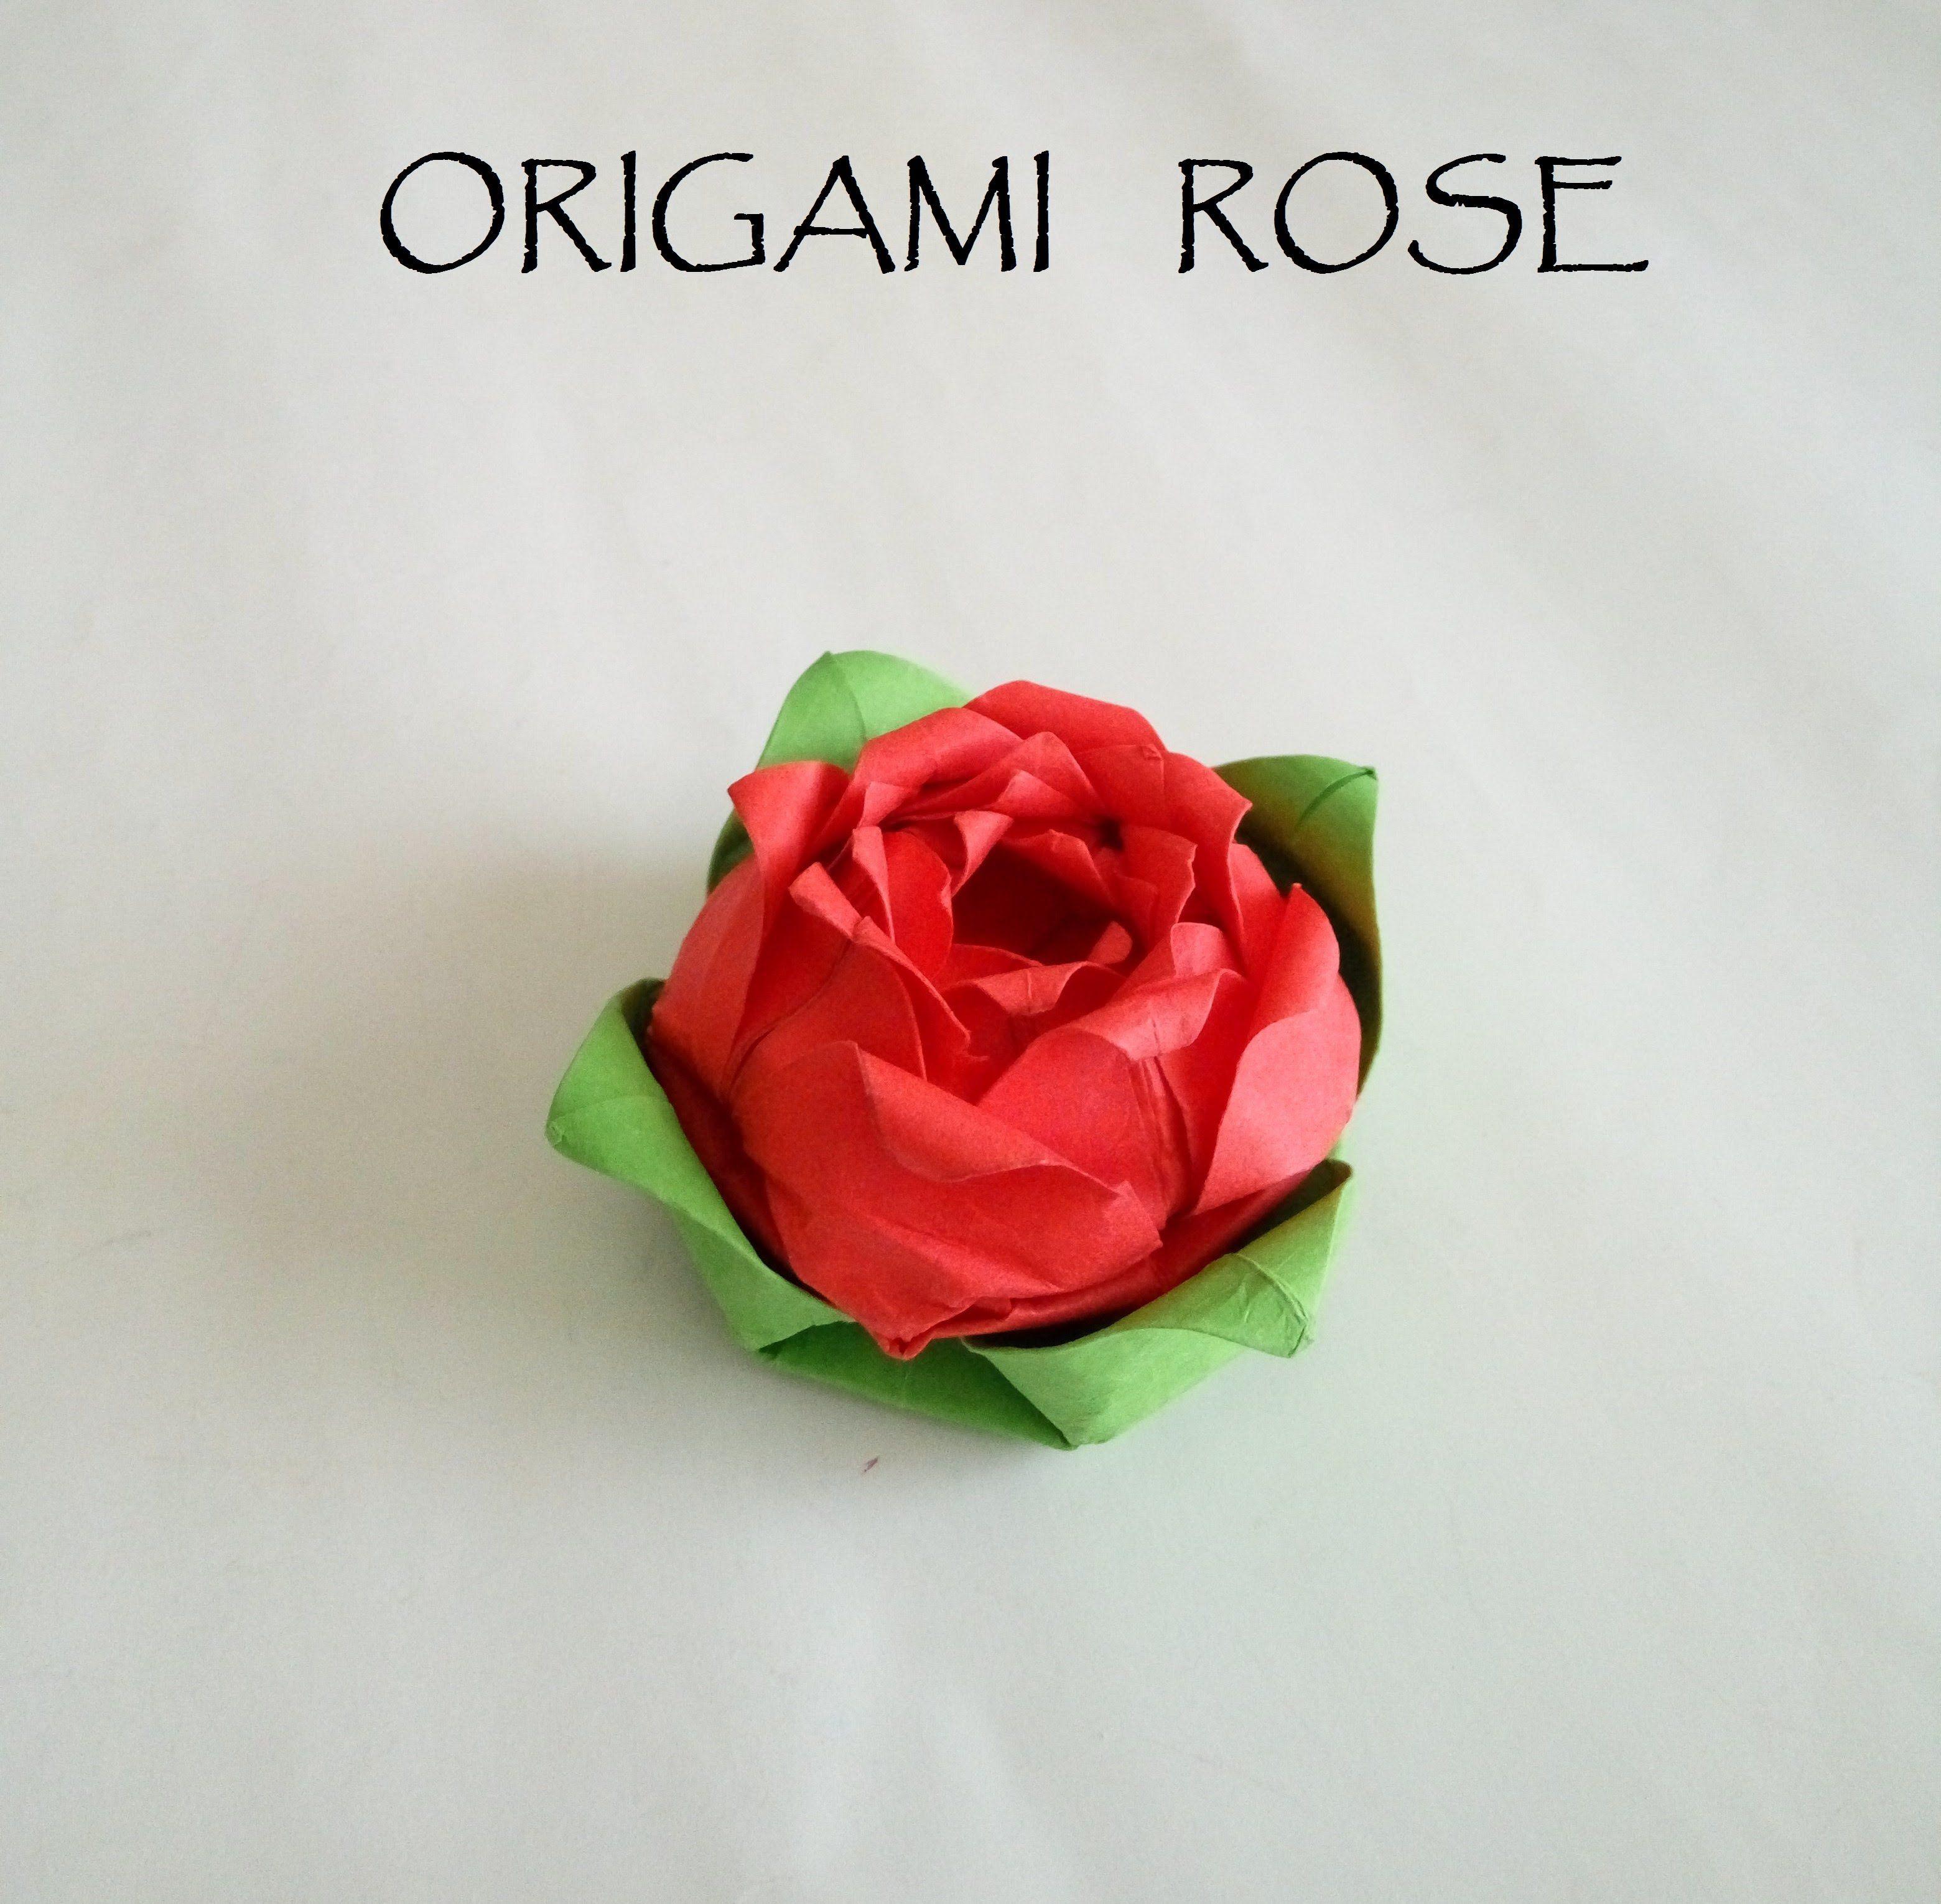 折り紙のバラ How to make an Origami Rose Tutorial 종이 접기 장미 折纸玫瑰 ... - photo#13